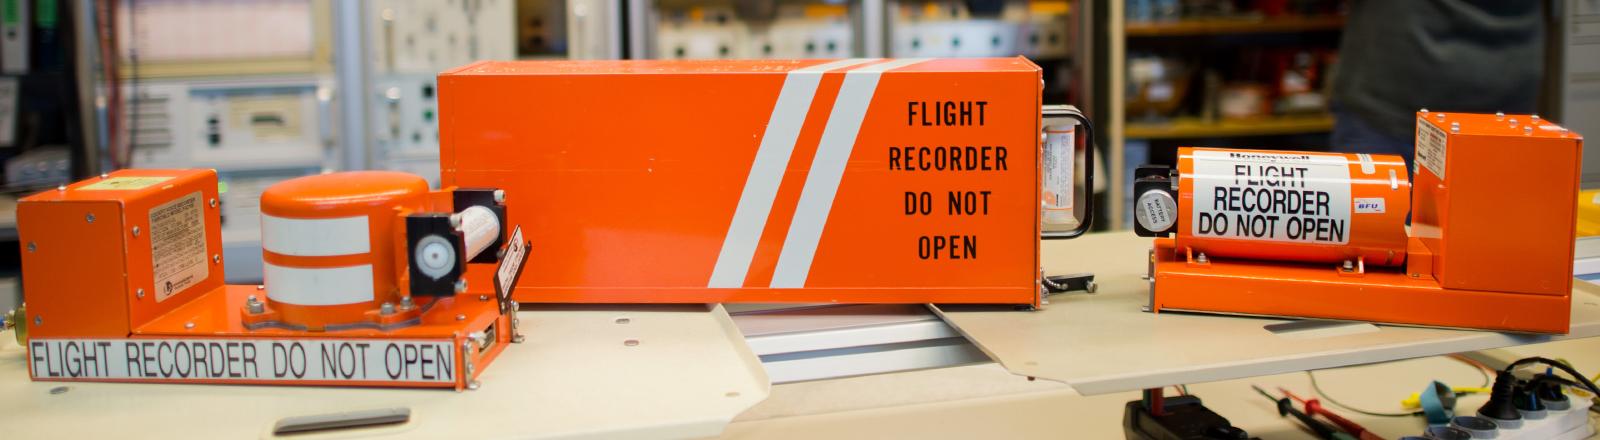 Ein Flugdatenschreiber und eine Voicerecorder im Bundesinstitut für Flugunfalluntersuchung